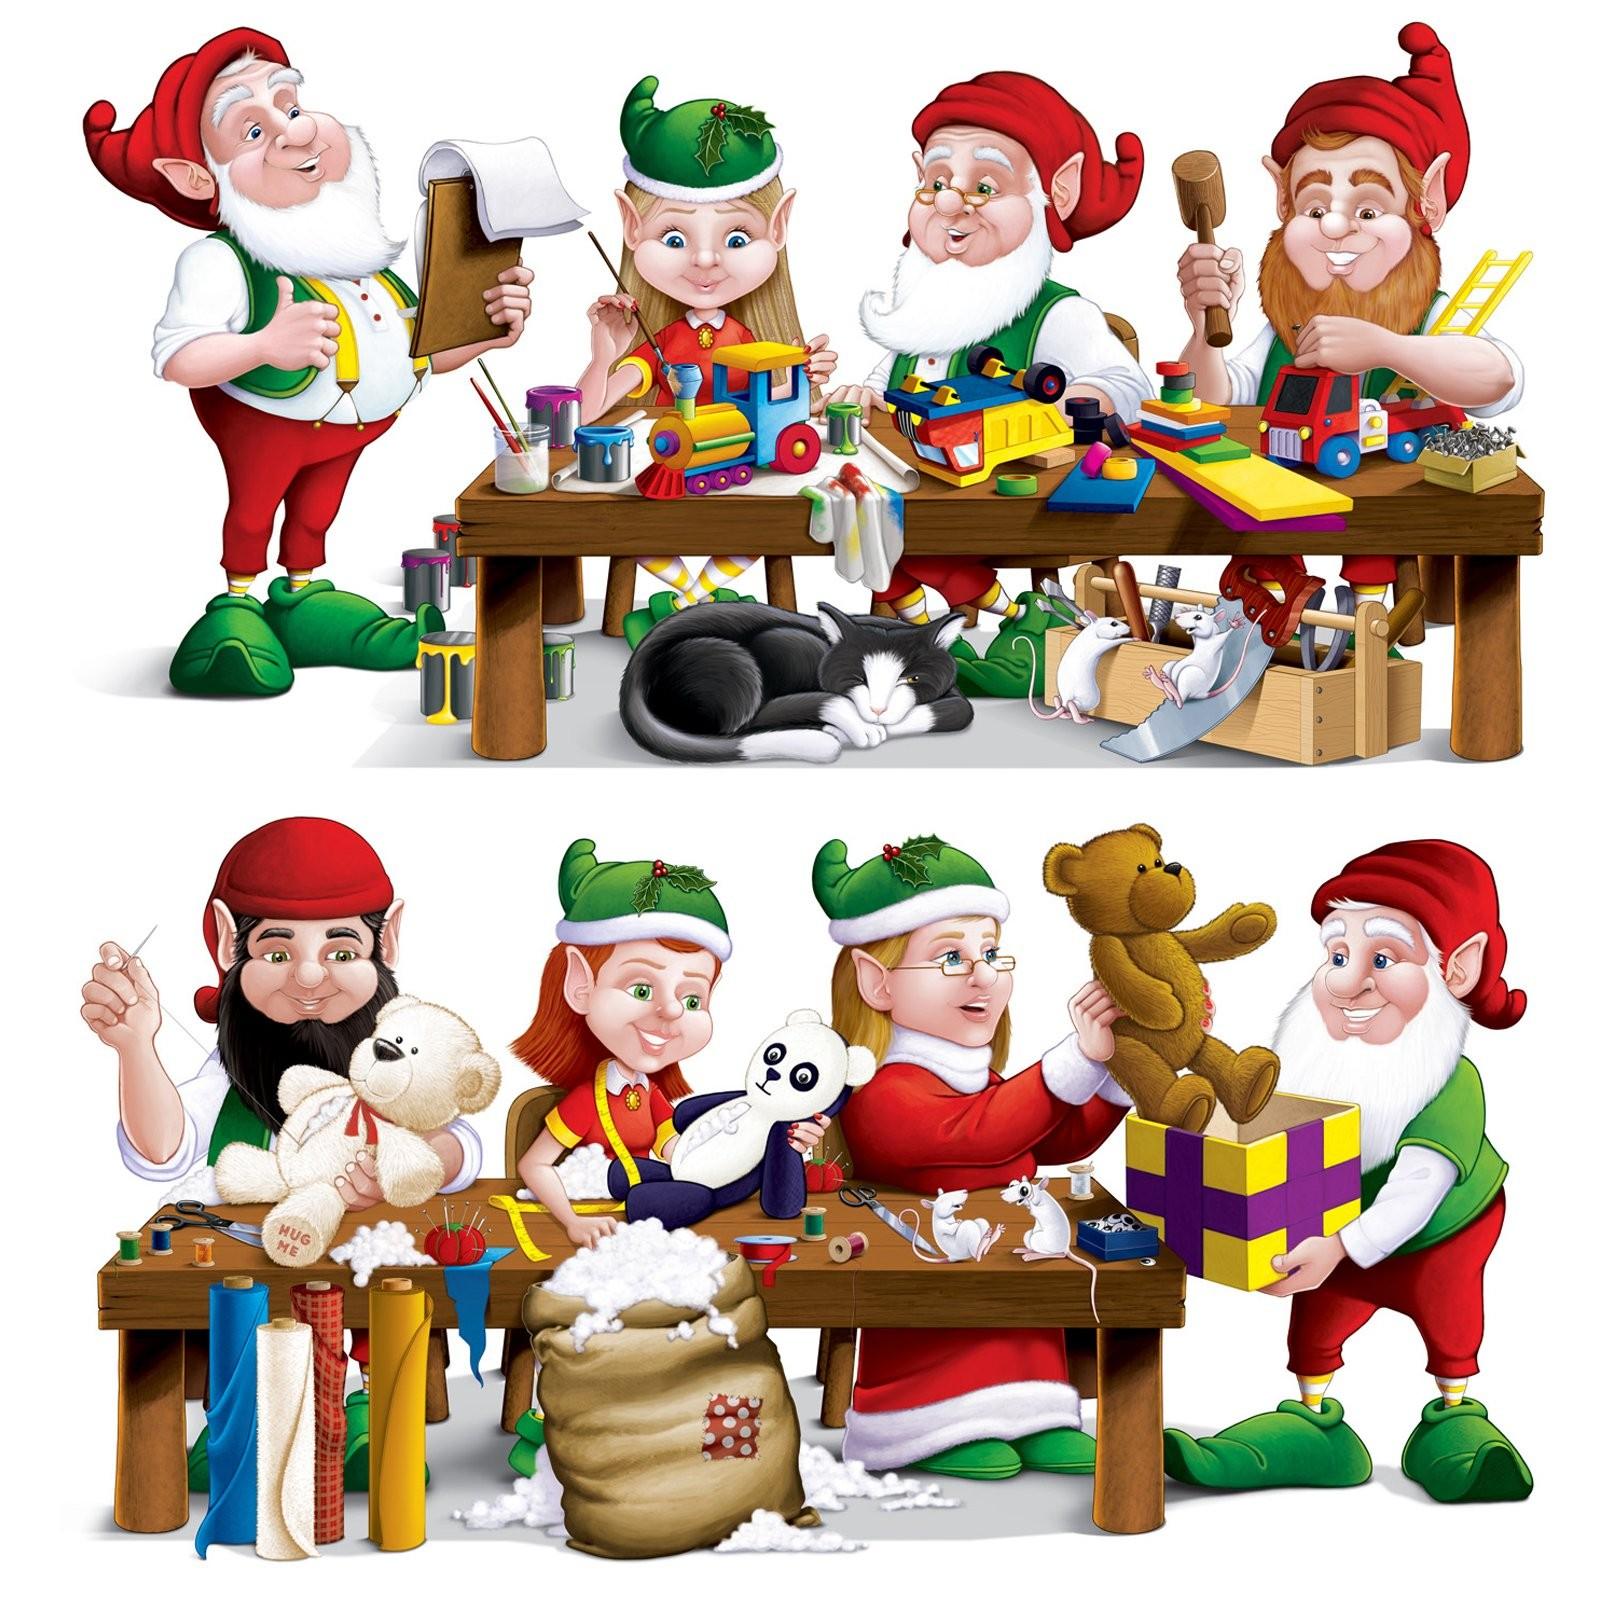 Elf clipart santa's workshop Santa's clipart images cartoon Workshop